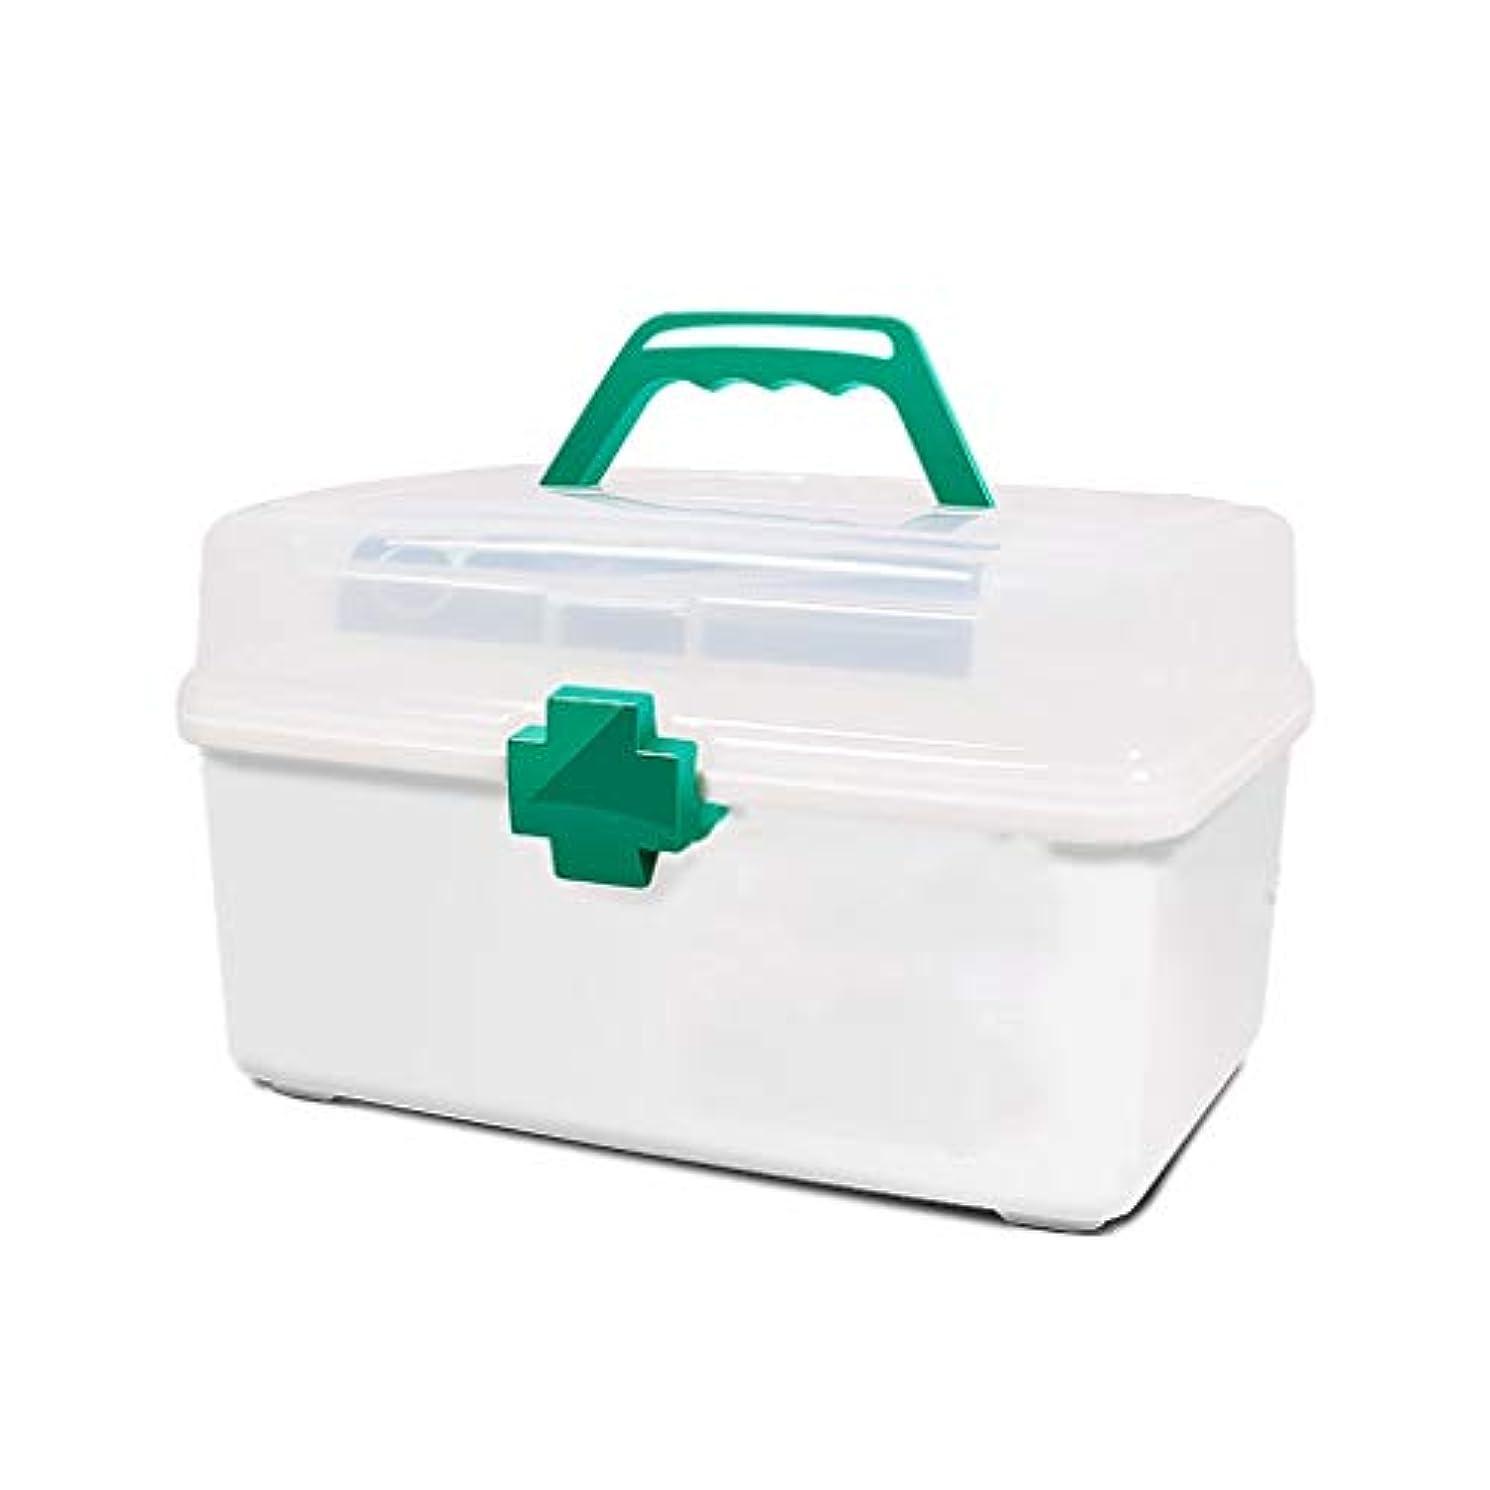 姉妹まもなく干渉する薬箱家庭用薬収納ボックスプラスチック白外来応急処置便利な携帯 HUXIUPING (Size : L)